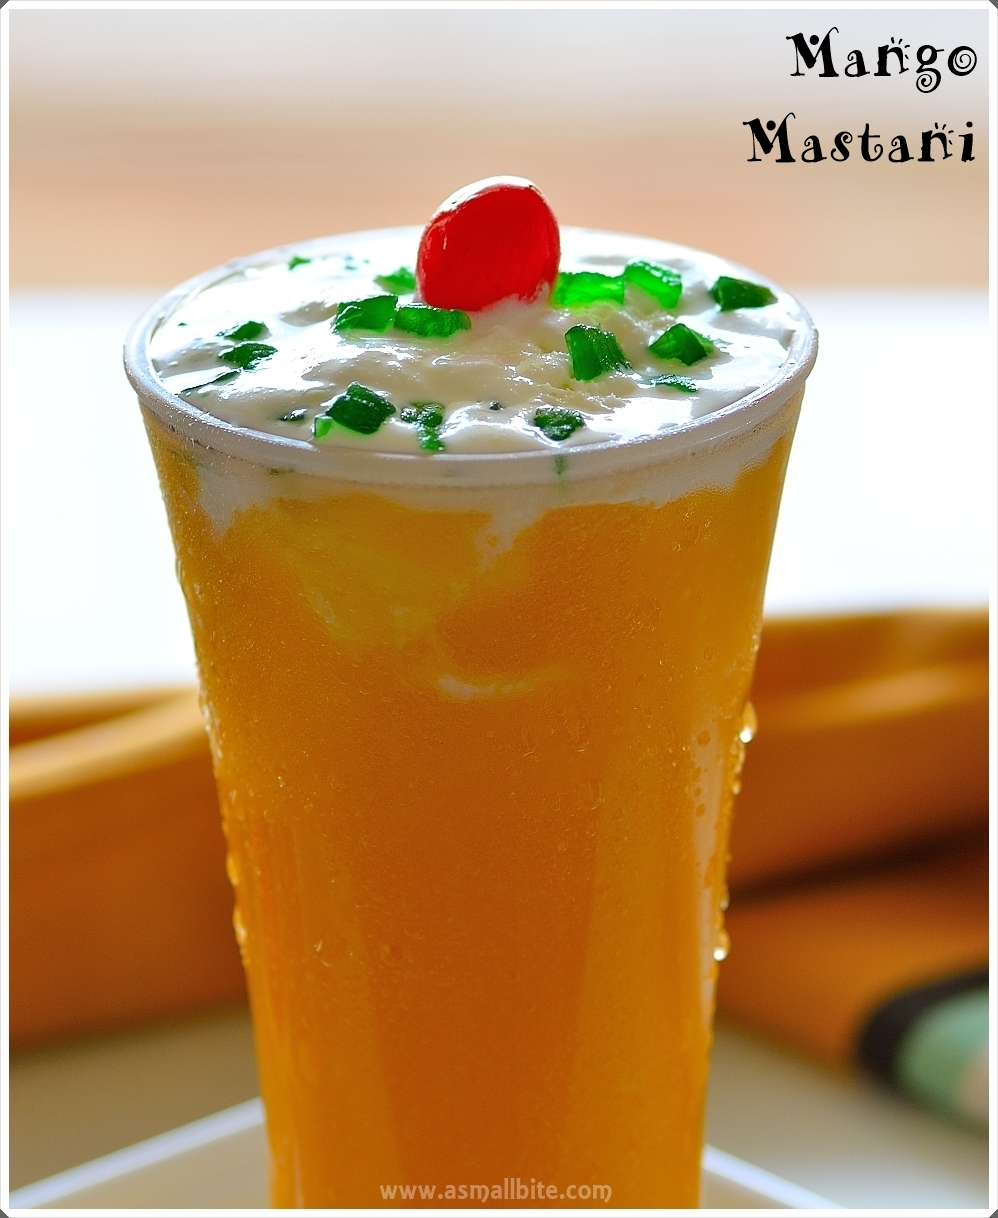 Pune's Mango Mastani